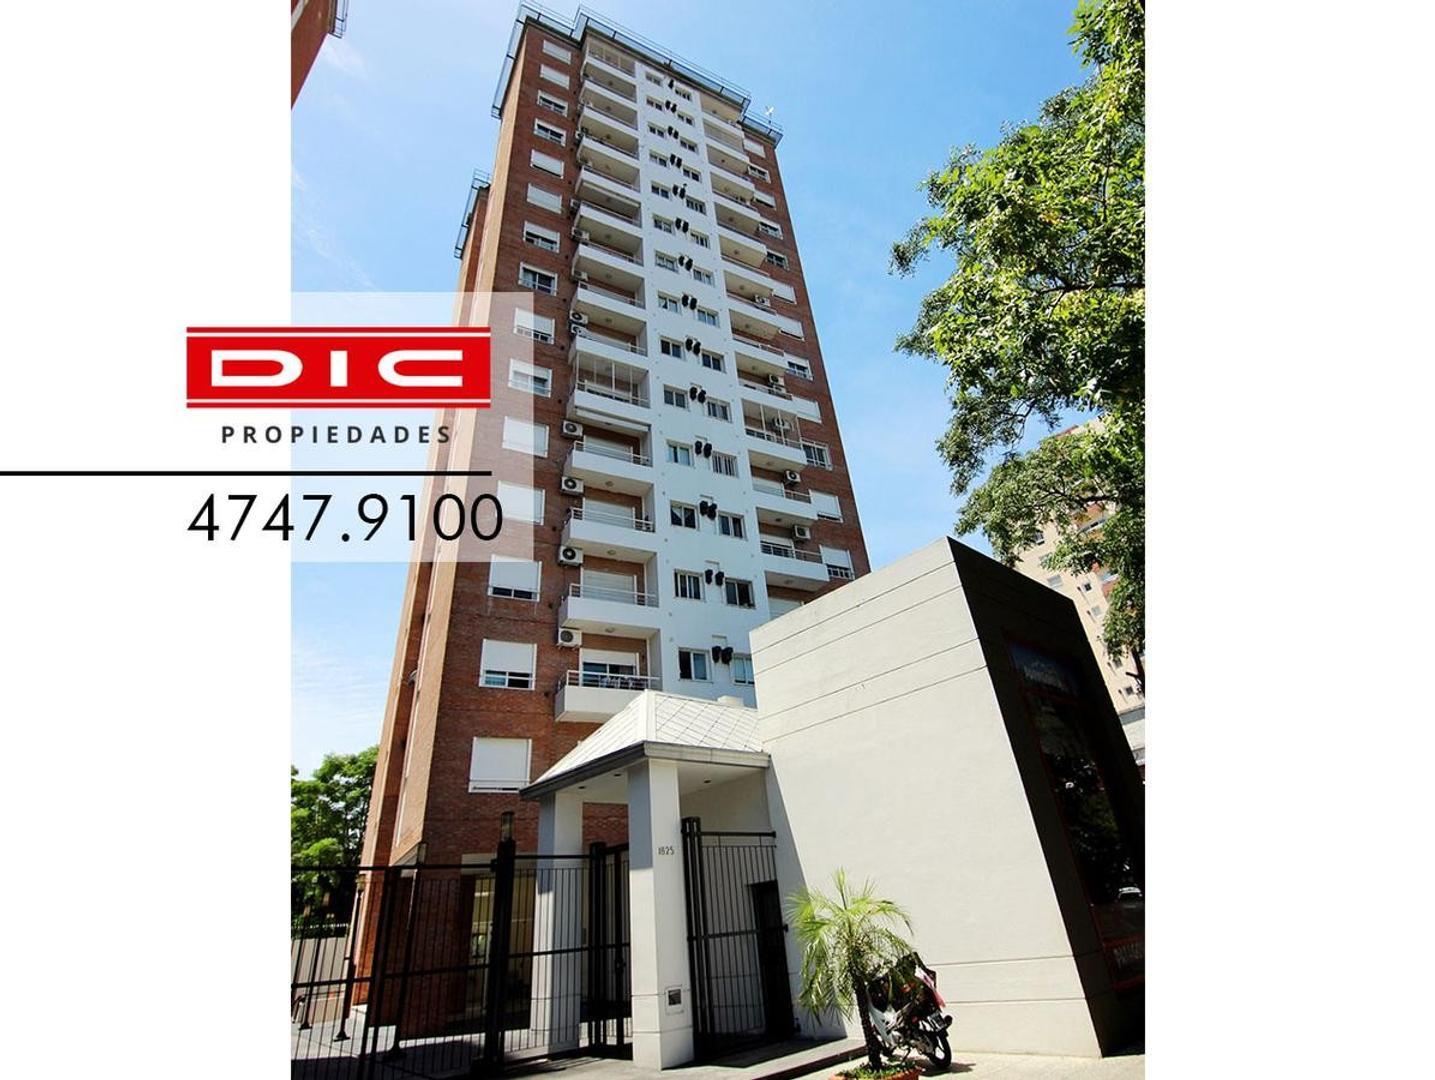 Excelente departamento 2 ambientes con balcon y baulera. Exc ubicacion en pleno Beccar.